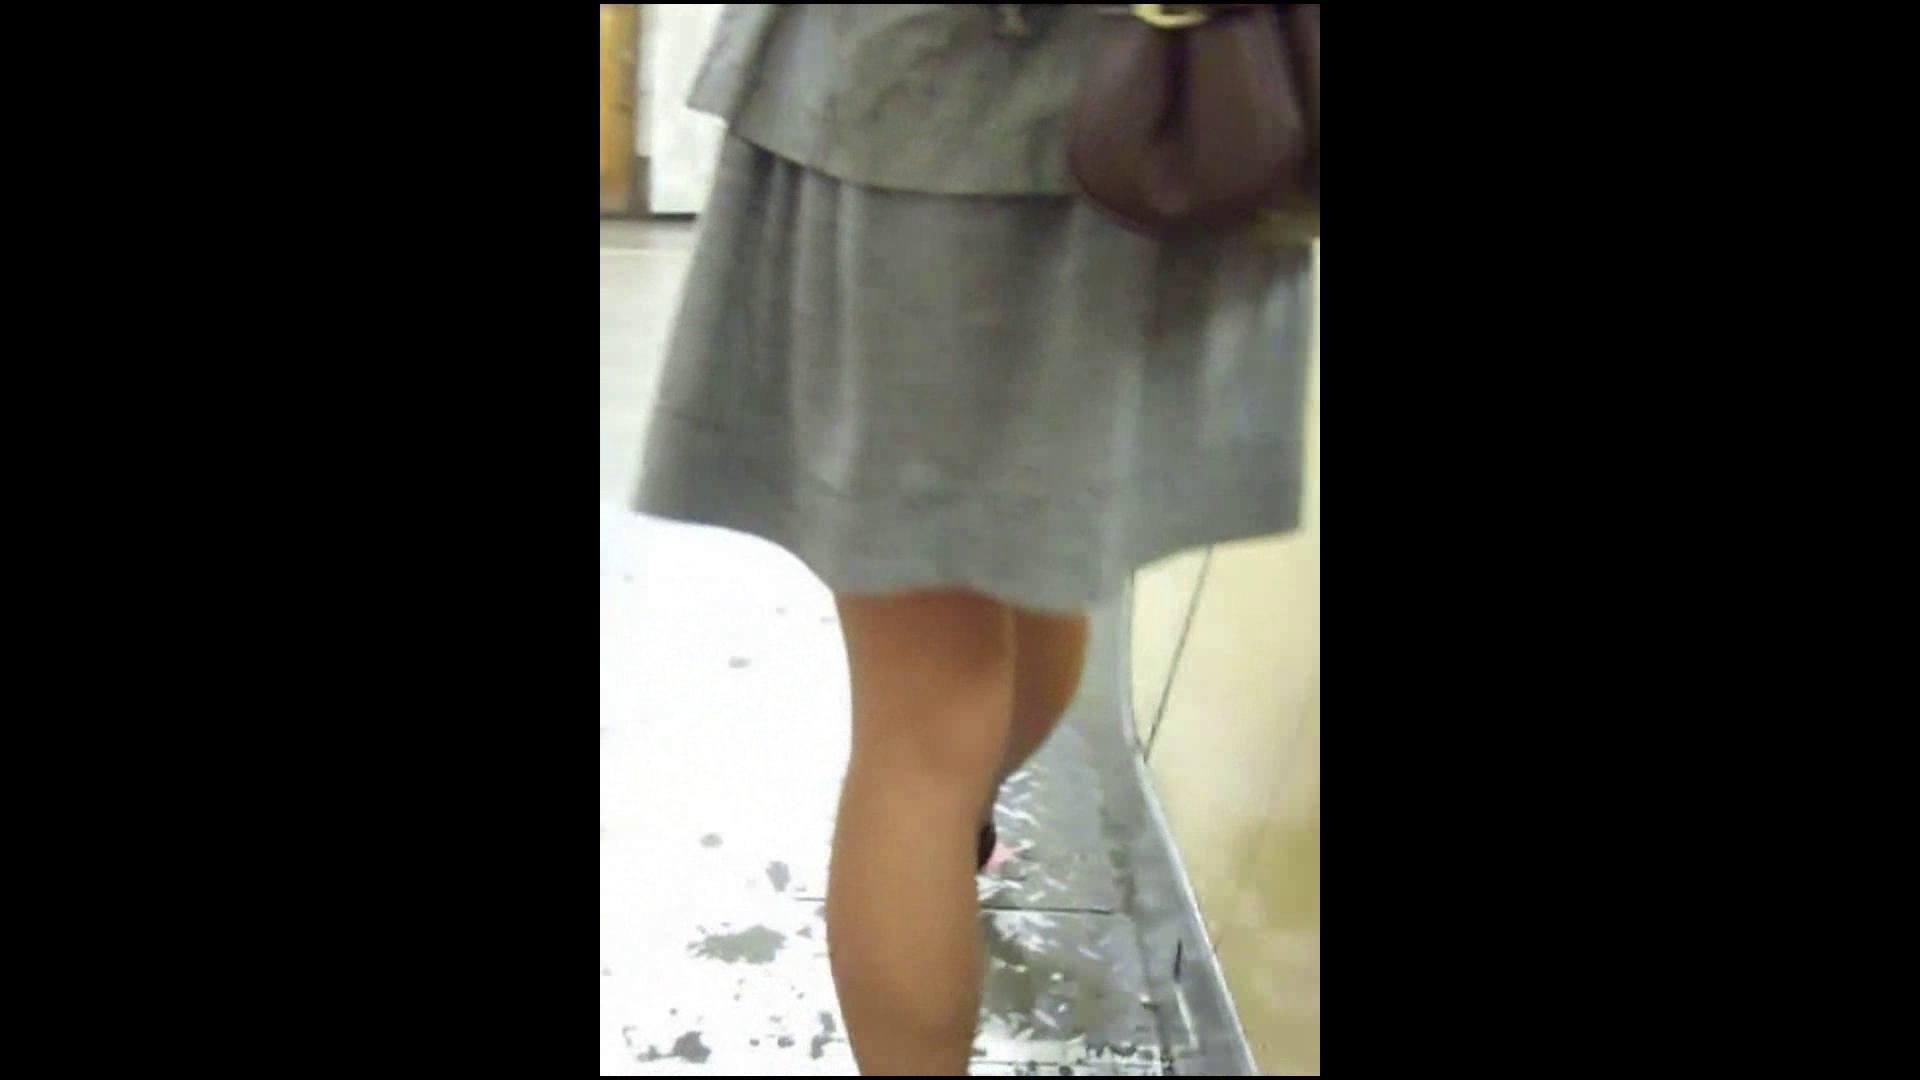 綺麗なモデルさんのスカート捲っちゃおう‼vol06 Hなお姉さん | HなOL  50pic 31